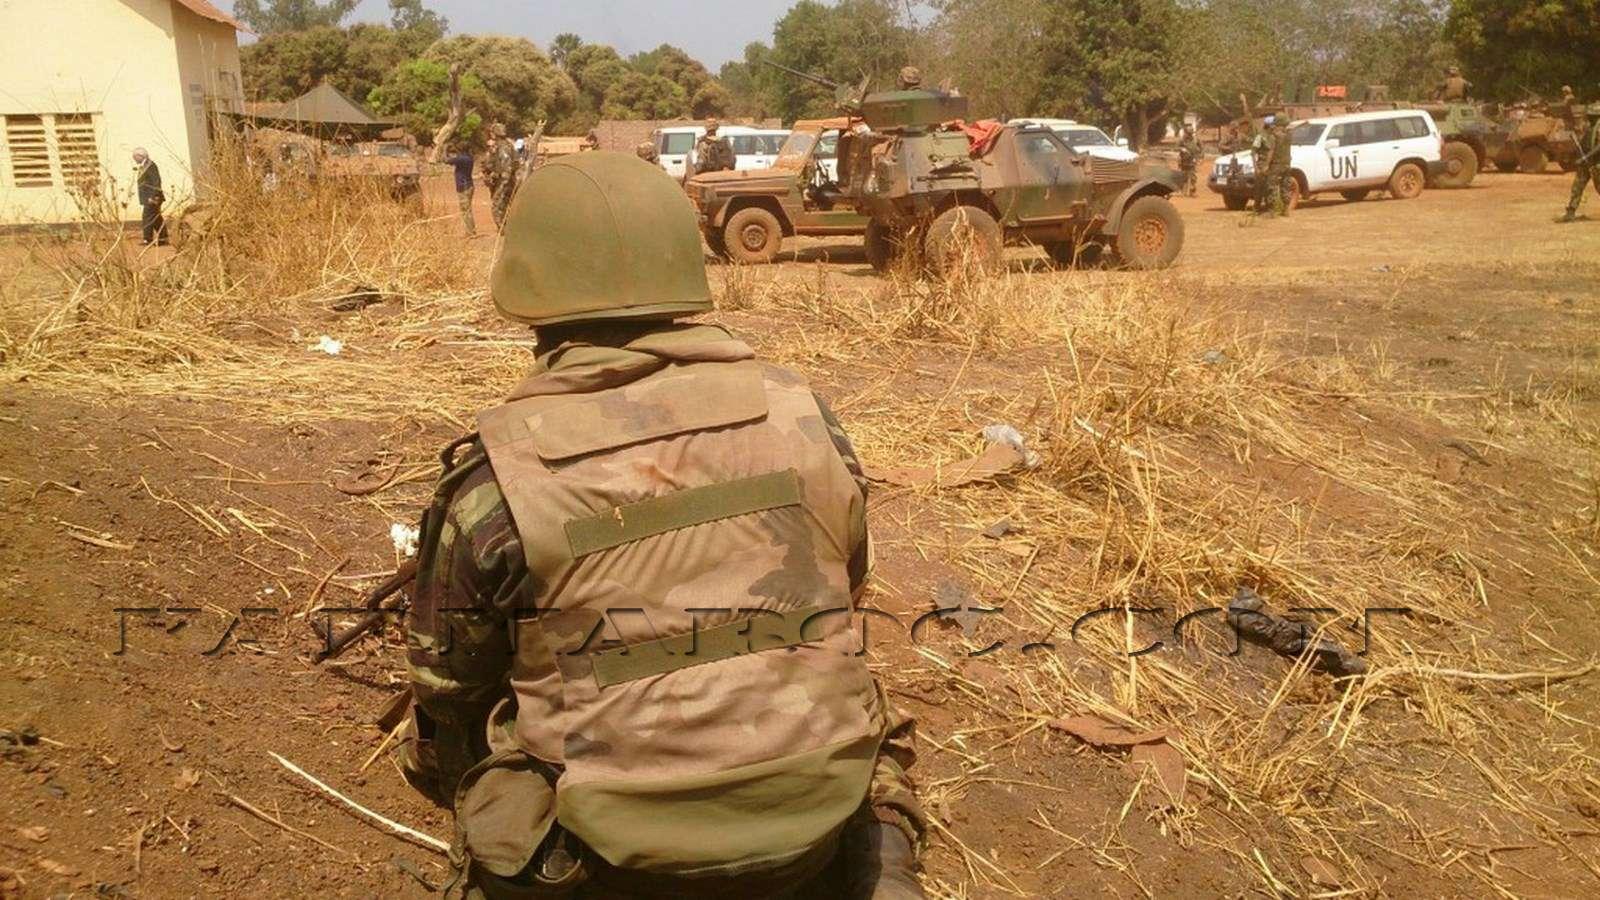 Maintien de la paix dans le monde - Les FAR en République Centrafricaine - RCA (MINUSCA) 110